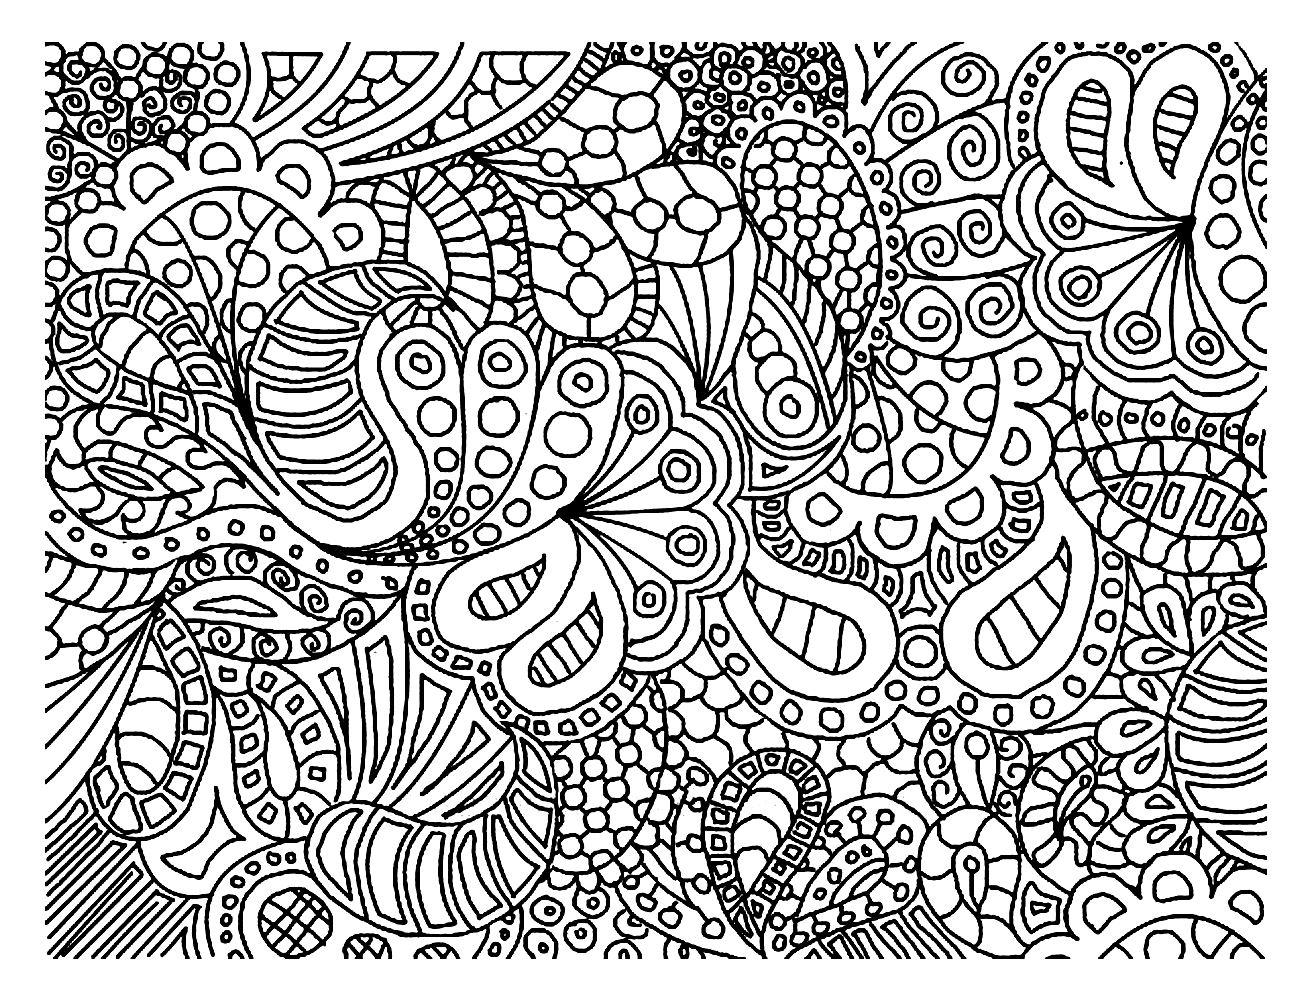 Gribouillage doodle art 5